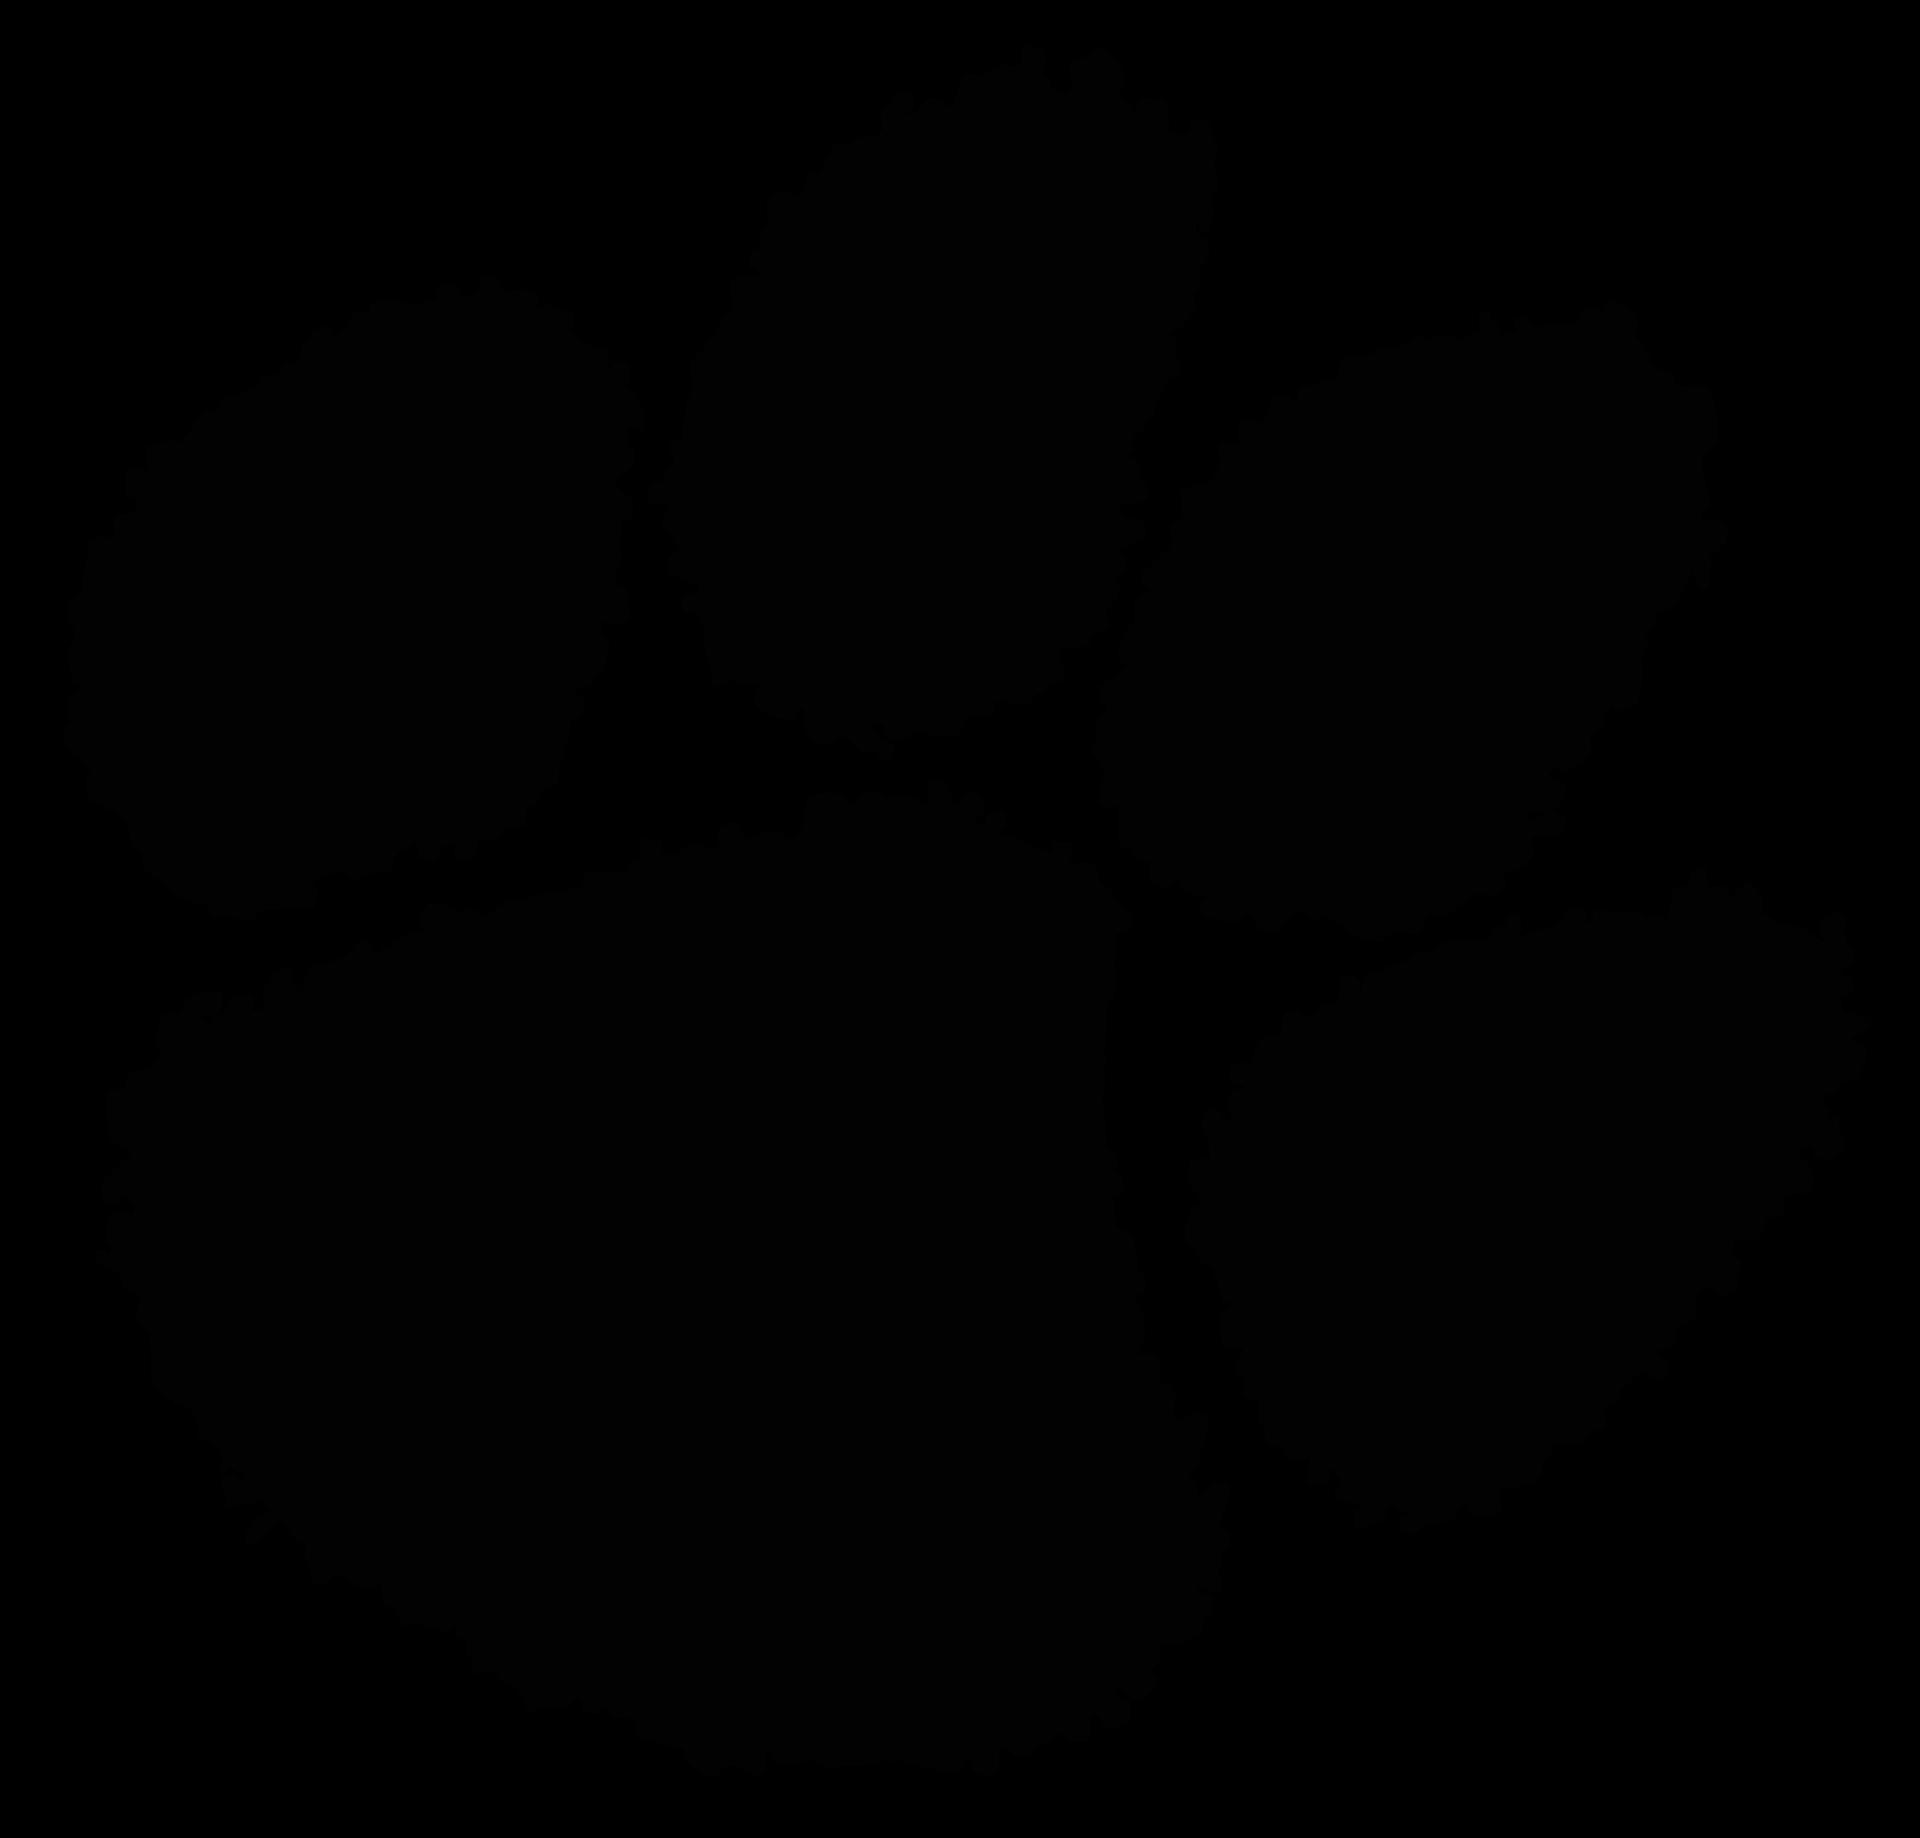 black cougar paw